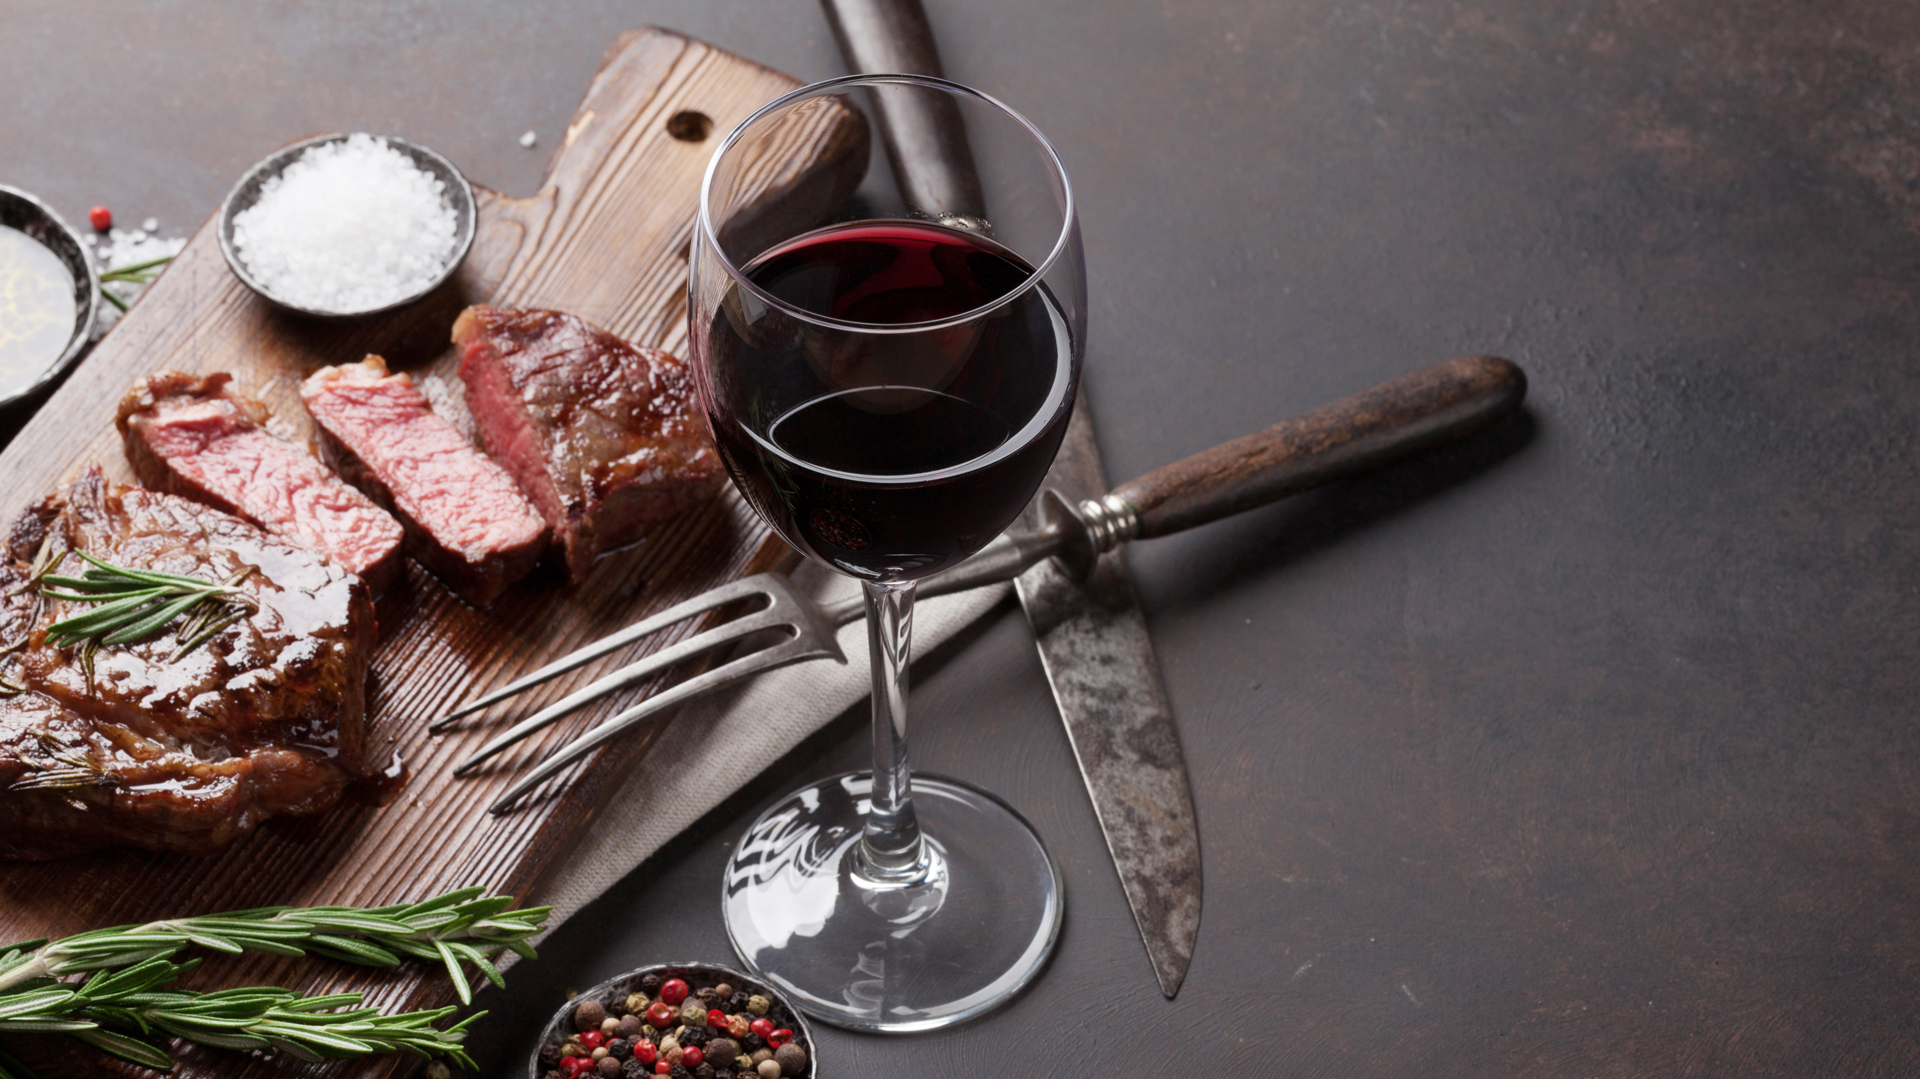 Así como en la parrilla el asador tiene para ofrecer diferentes carnes y cortes, los vinos también deberían variar a lo largo de un asado (Getty Images)